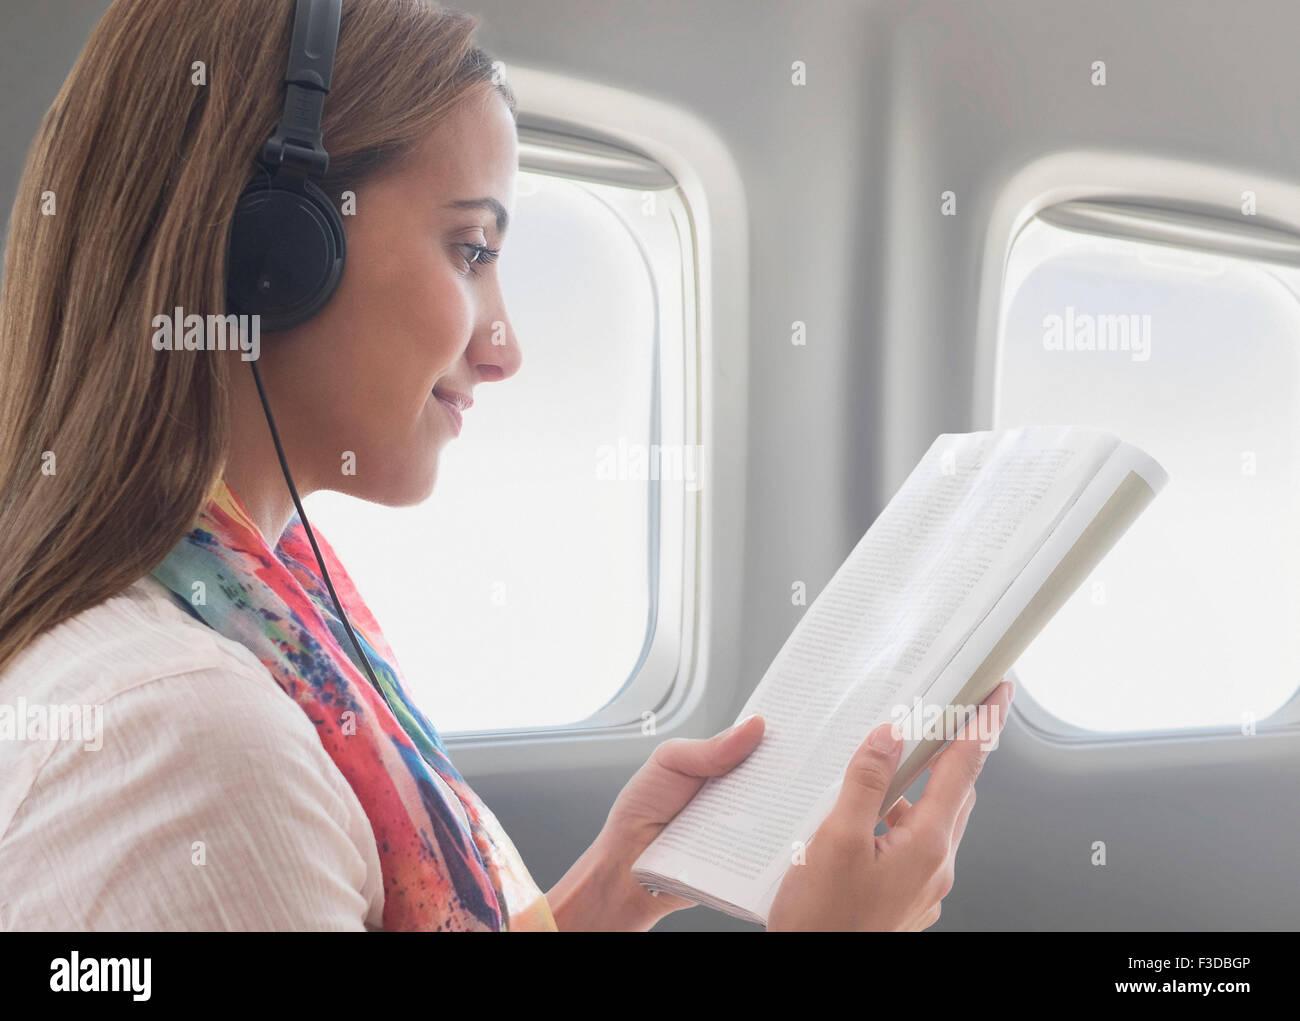 Mujer joven con los auriculares puestos mientras lee un libro sobre avión Foto de stock